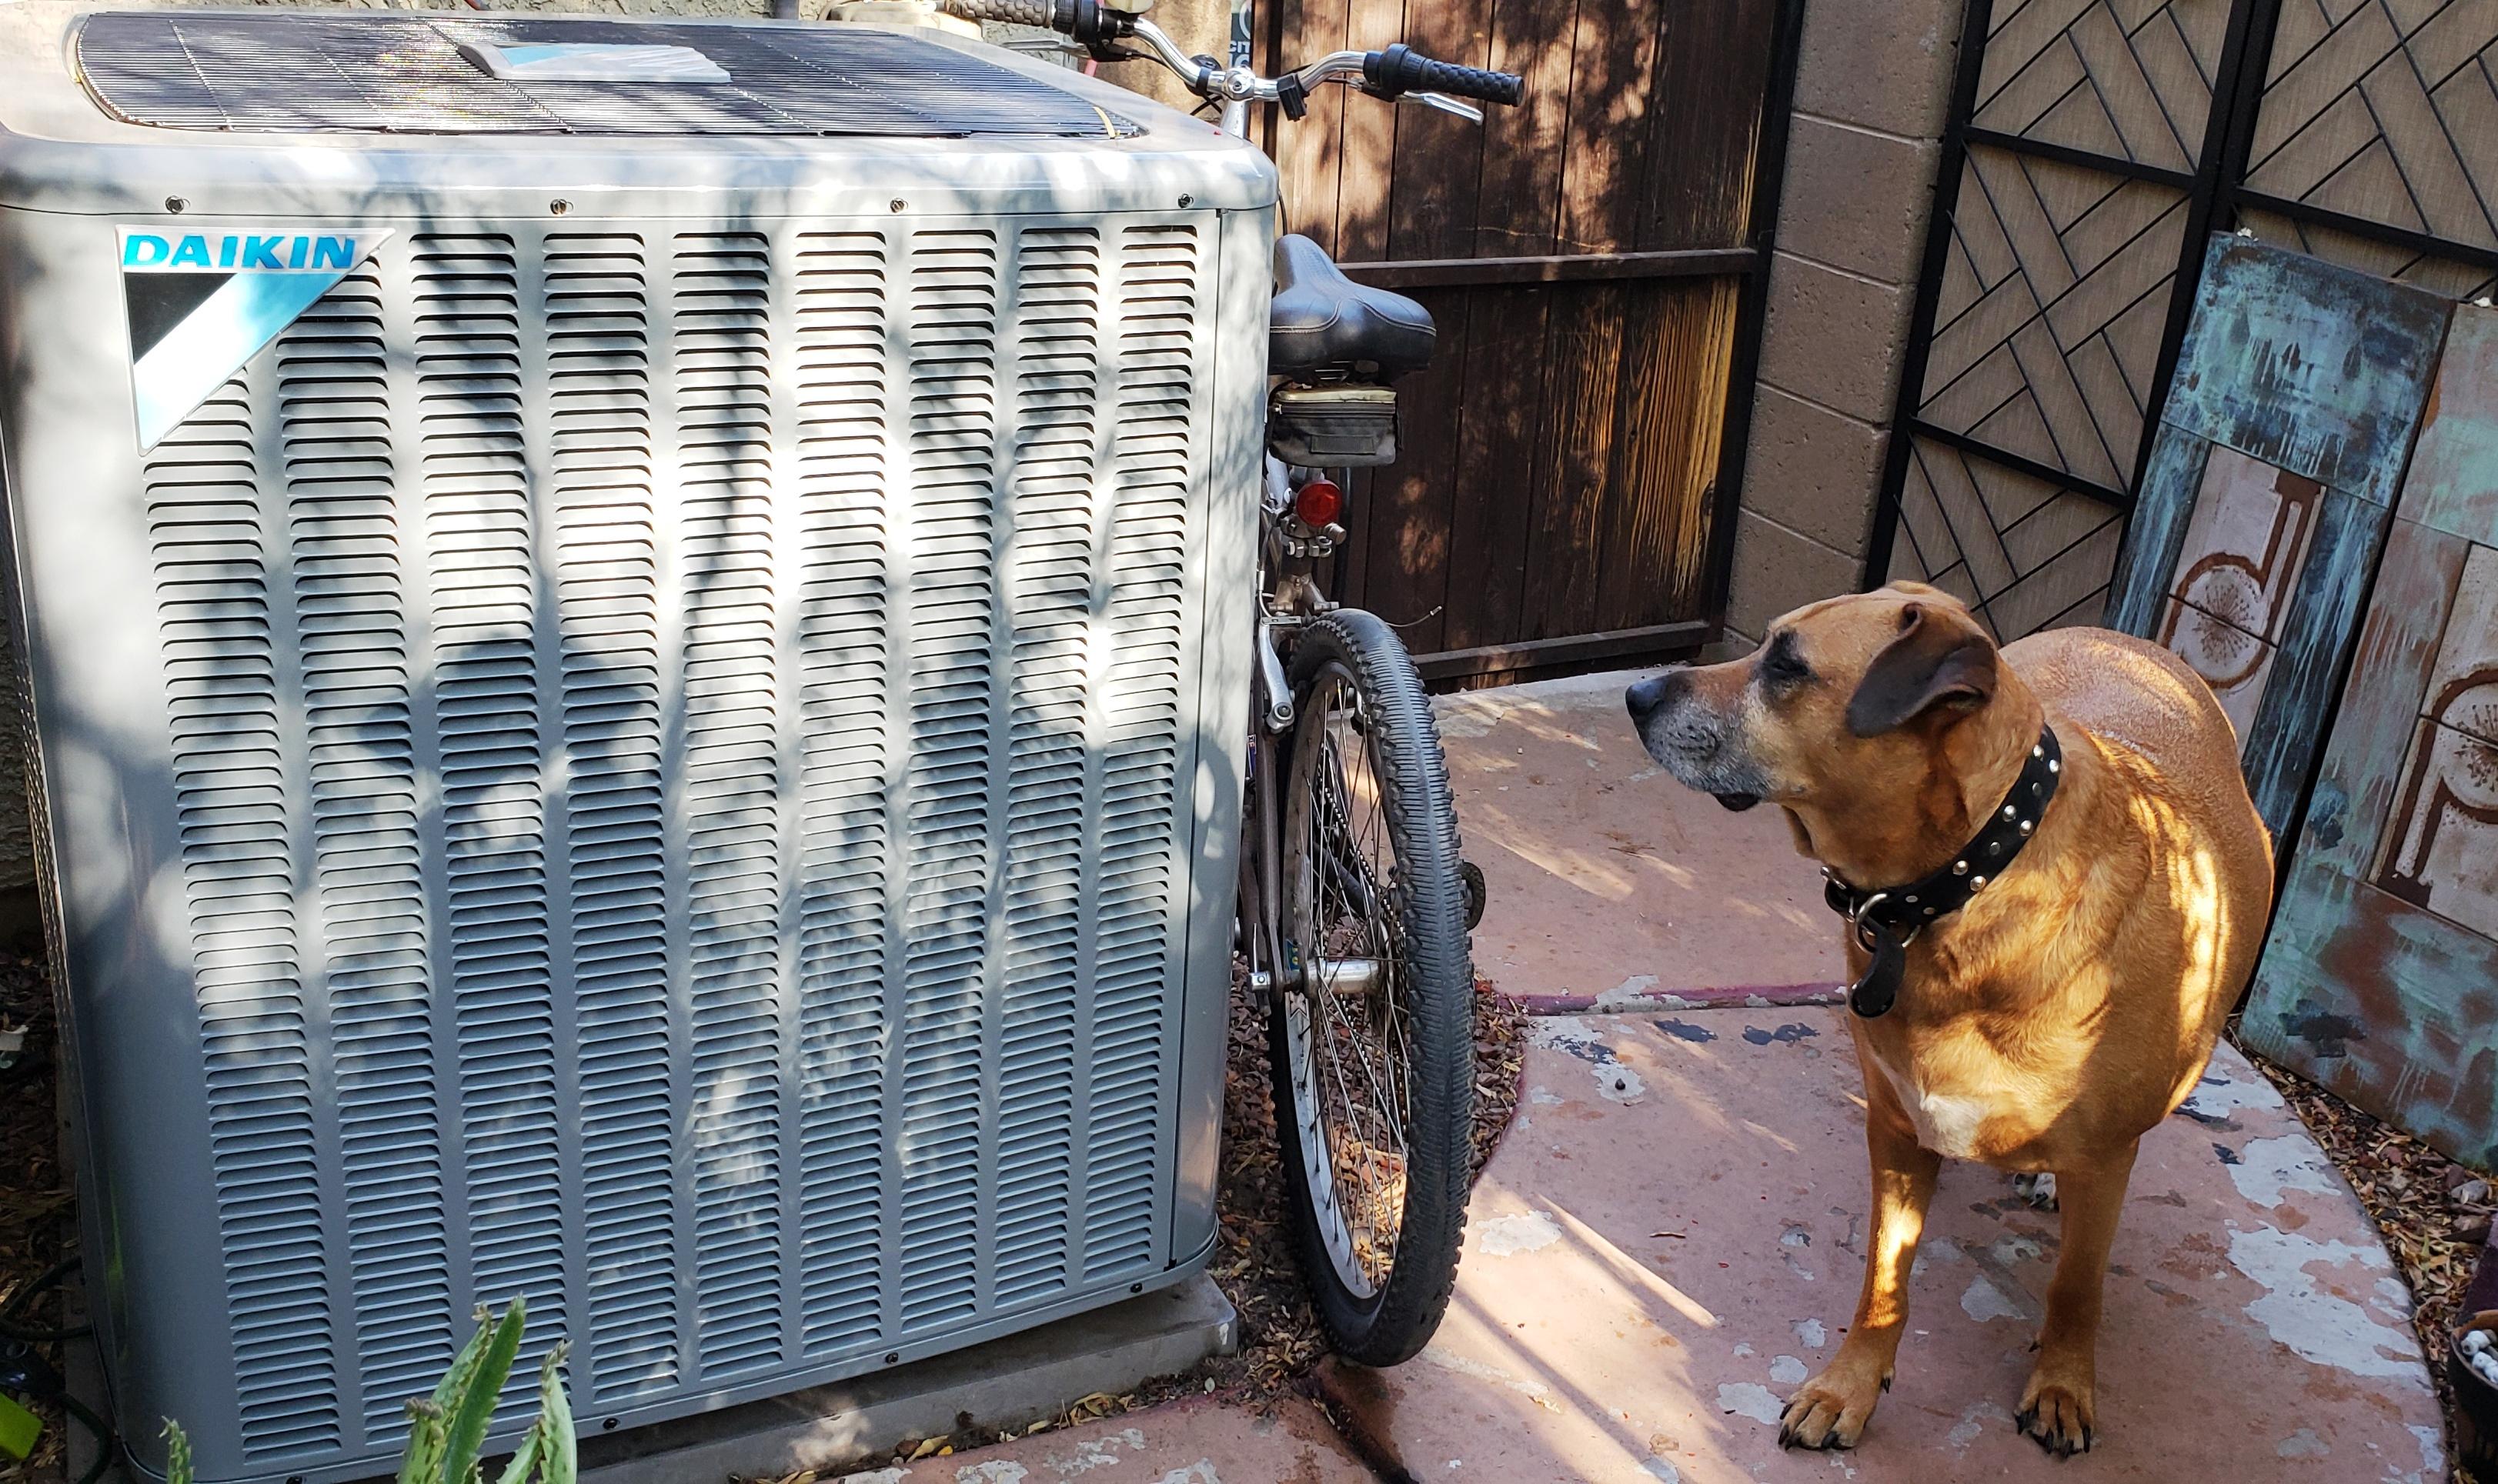 new daikin air conditioner